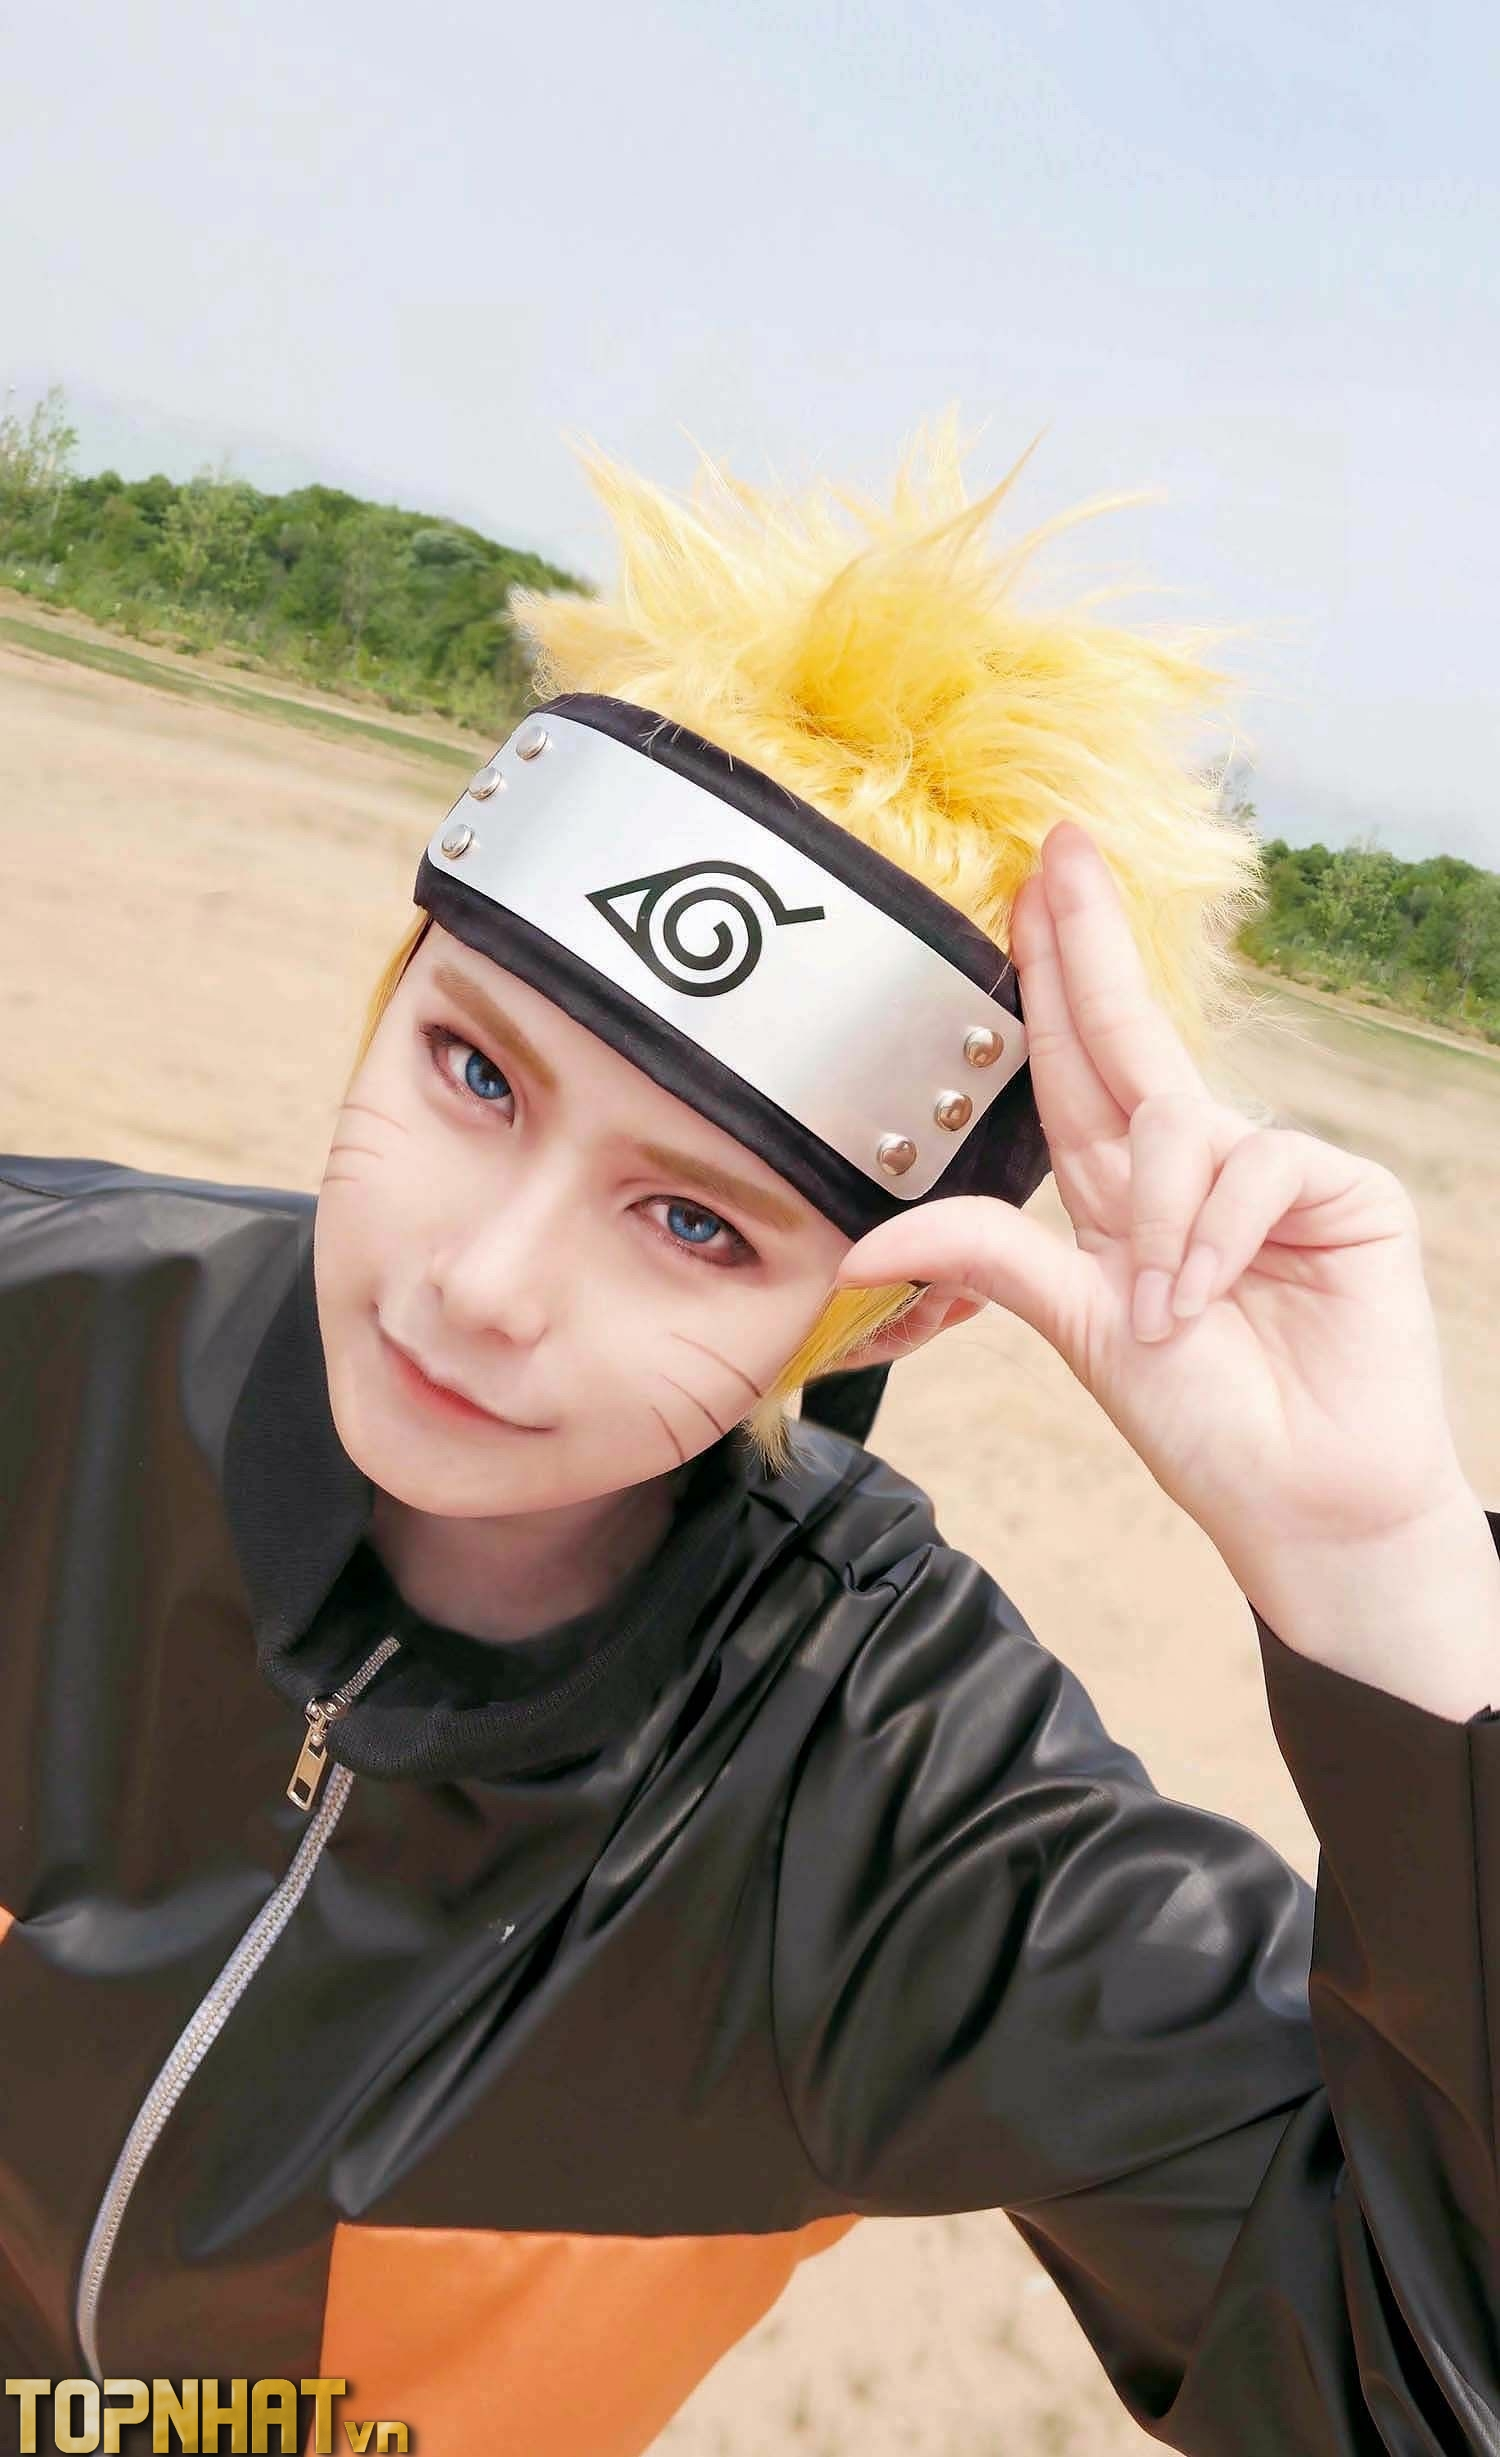 Cosplay Naruto đẹp